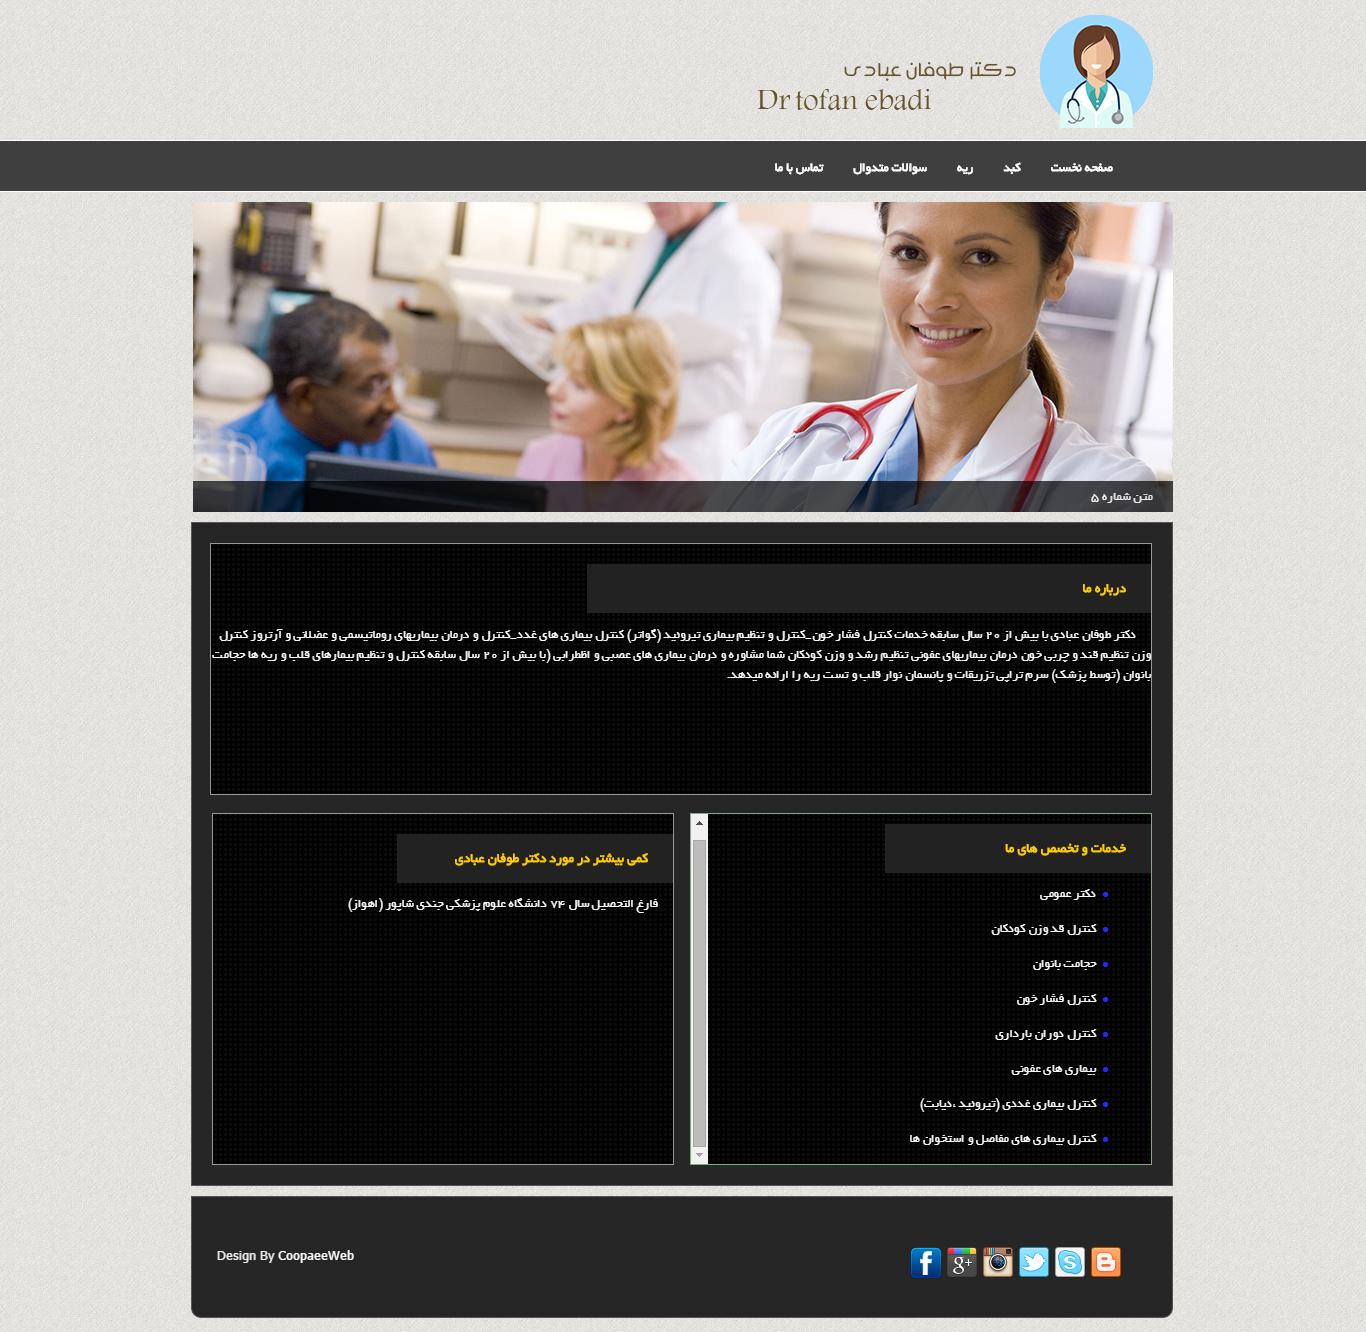 طراحی سایت دکتر طوفان عبادی